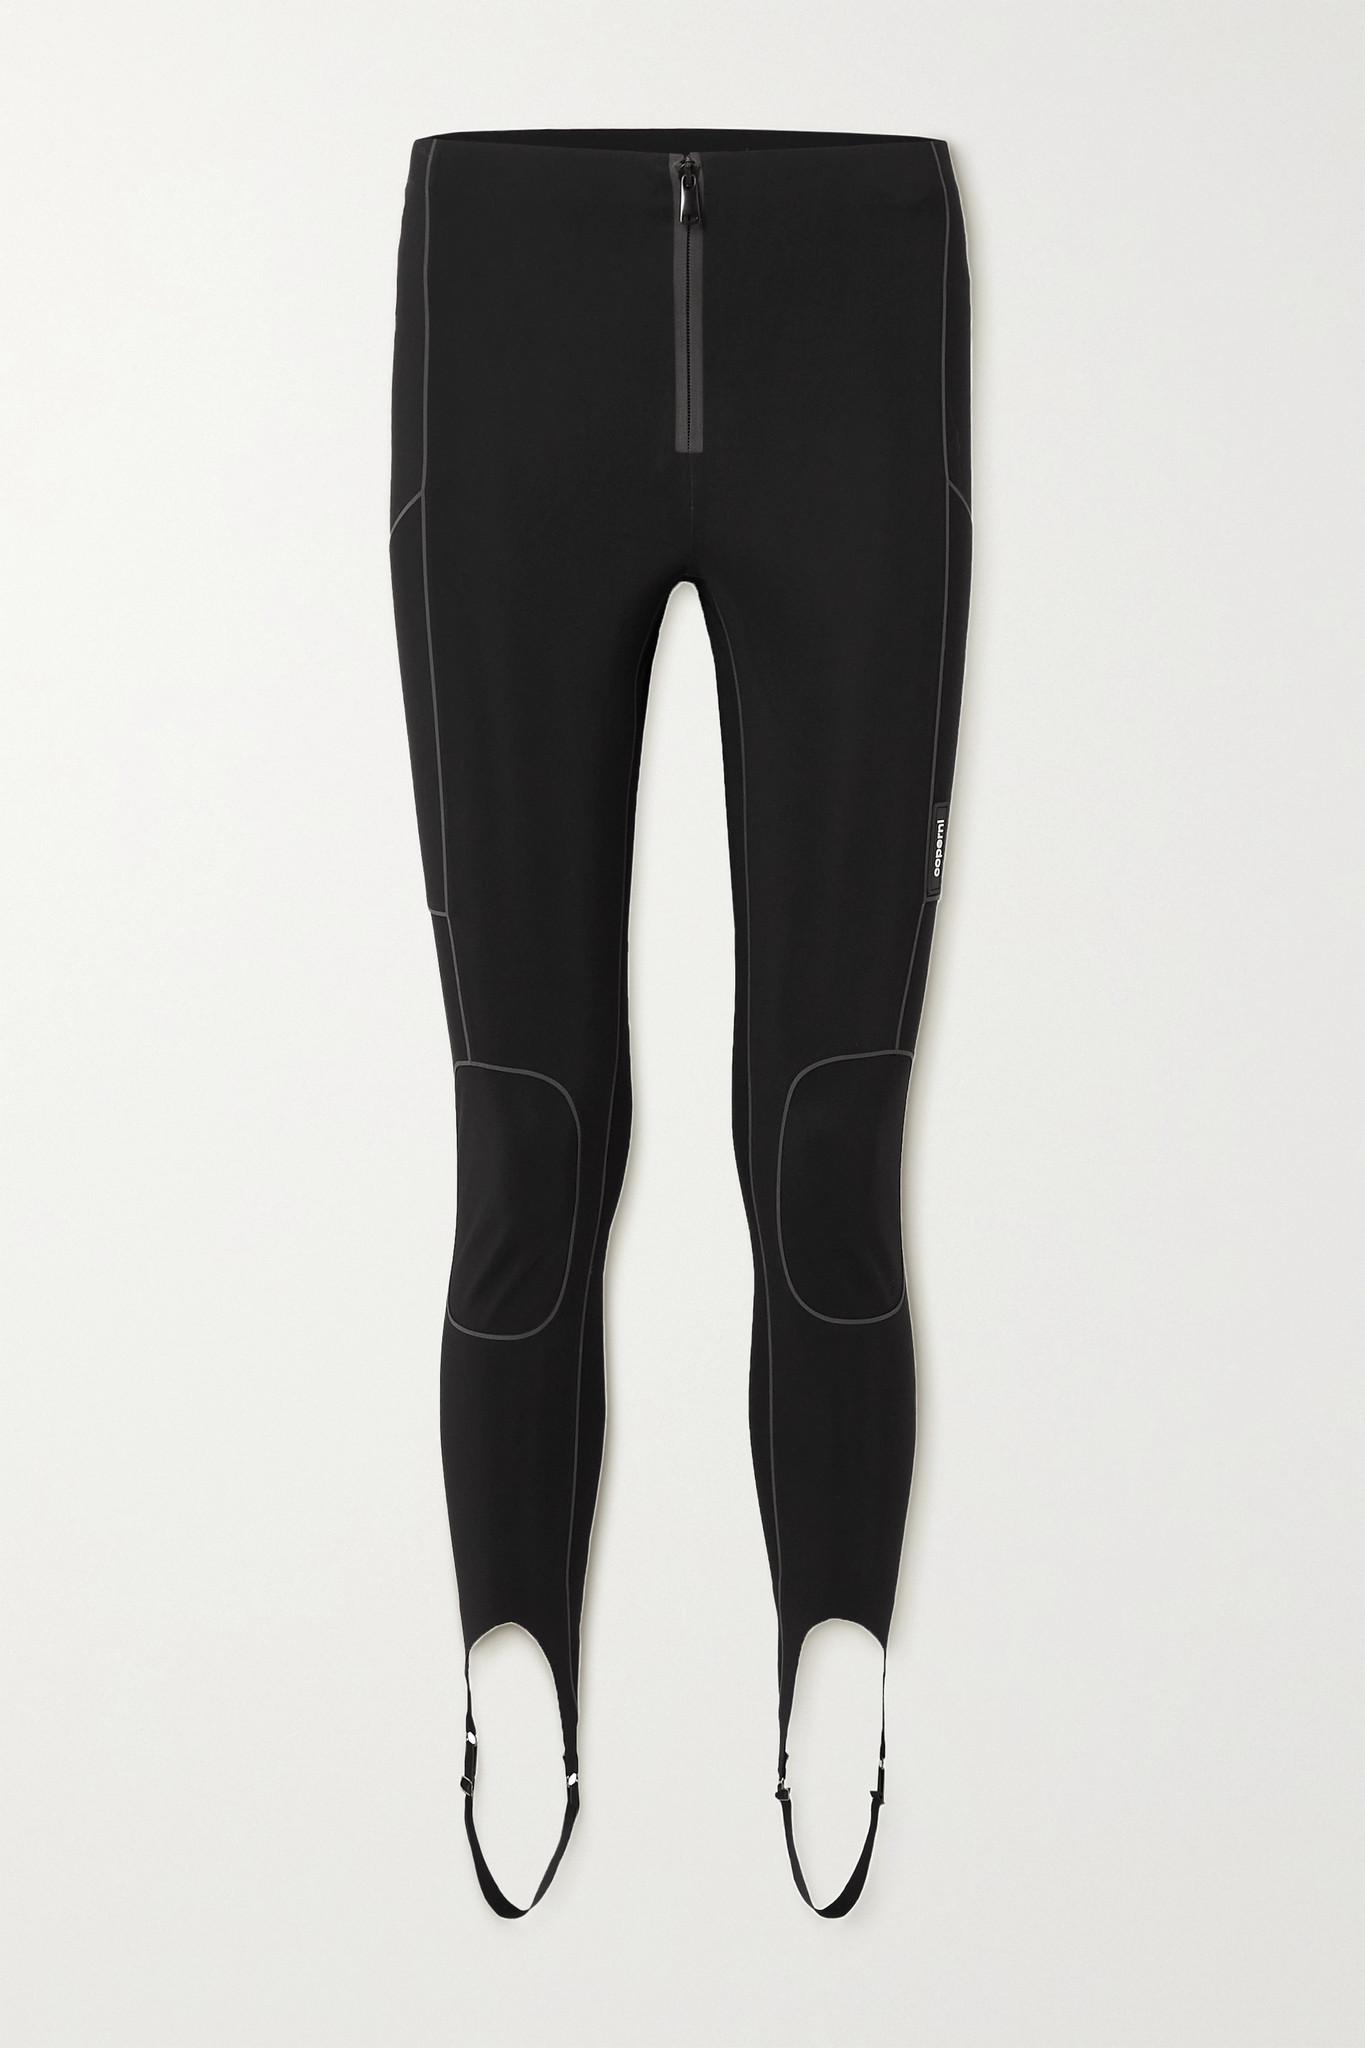 COPERNI - C+ Piped Stretch Stirrup Pants - Black - FR38